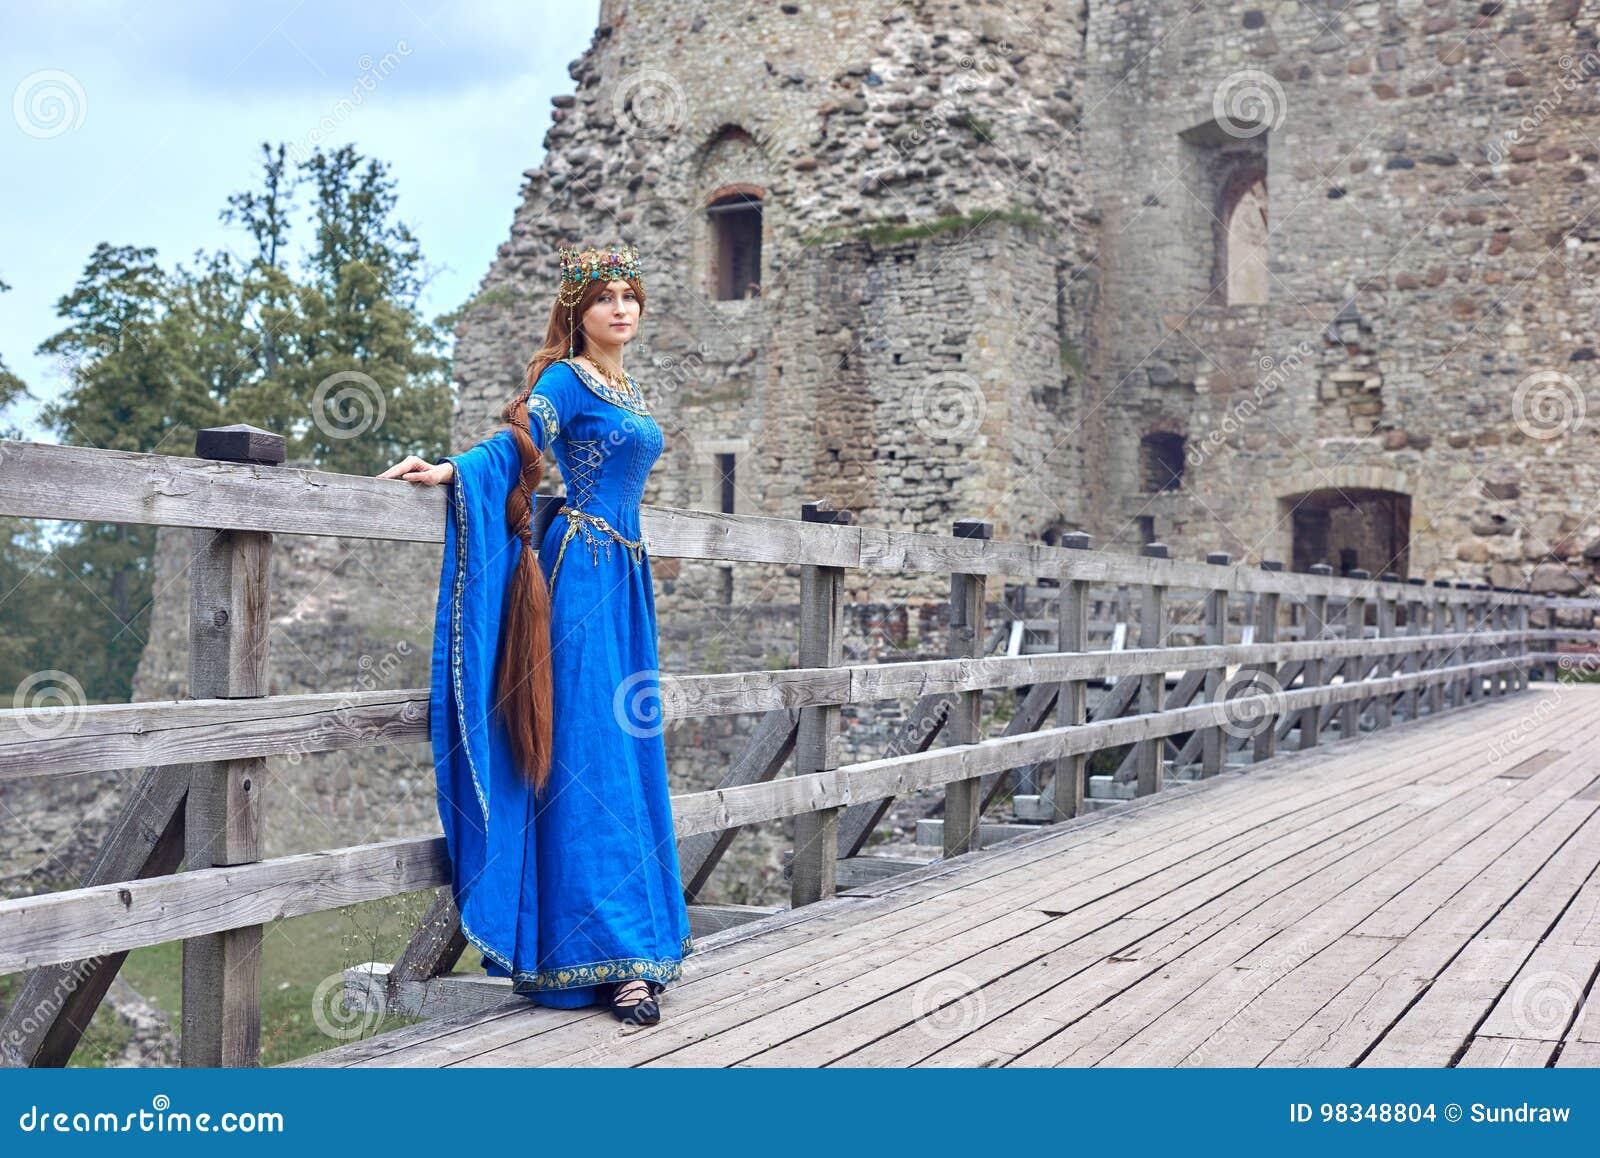 Η όμορφη Eleanor Aquitaine, της δούκισσας και της βασίλισσας της Αγγλίας και της Γαλλίας στους υψηλούς Μεσαίωνες